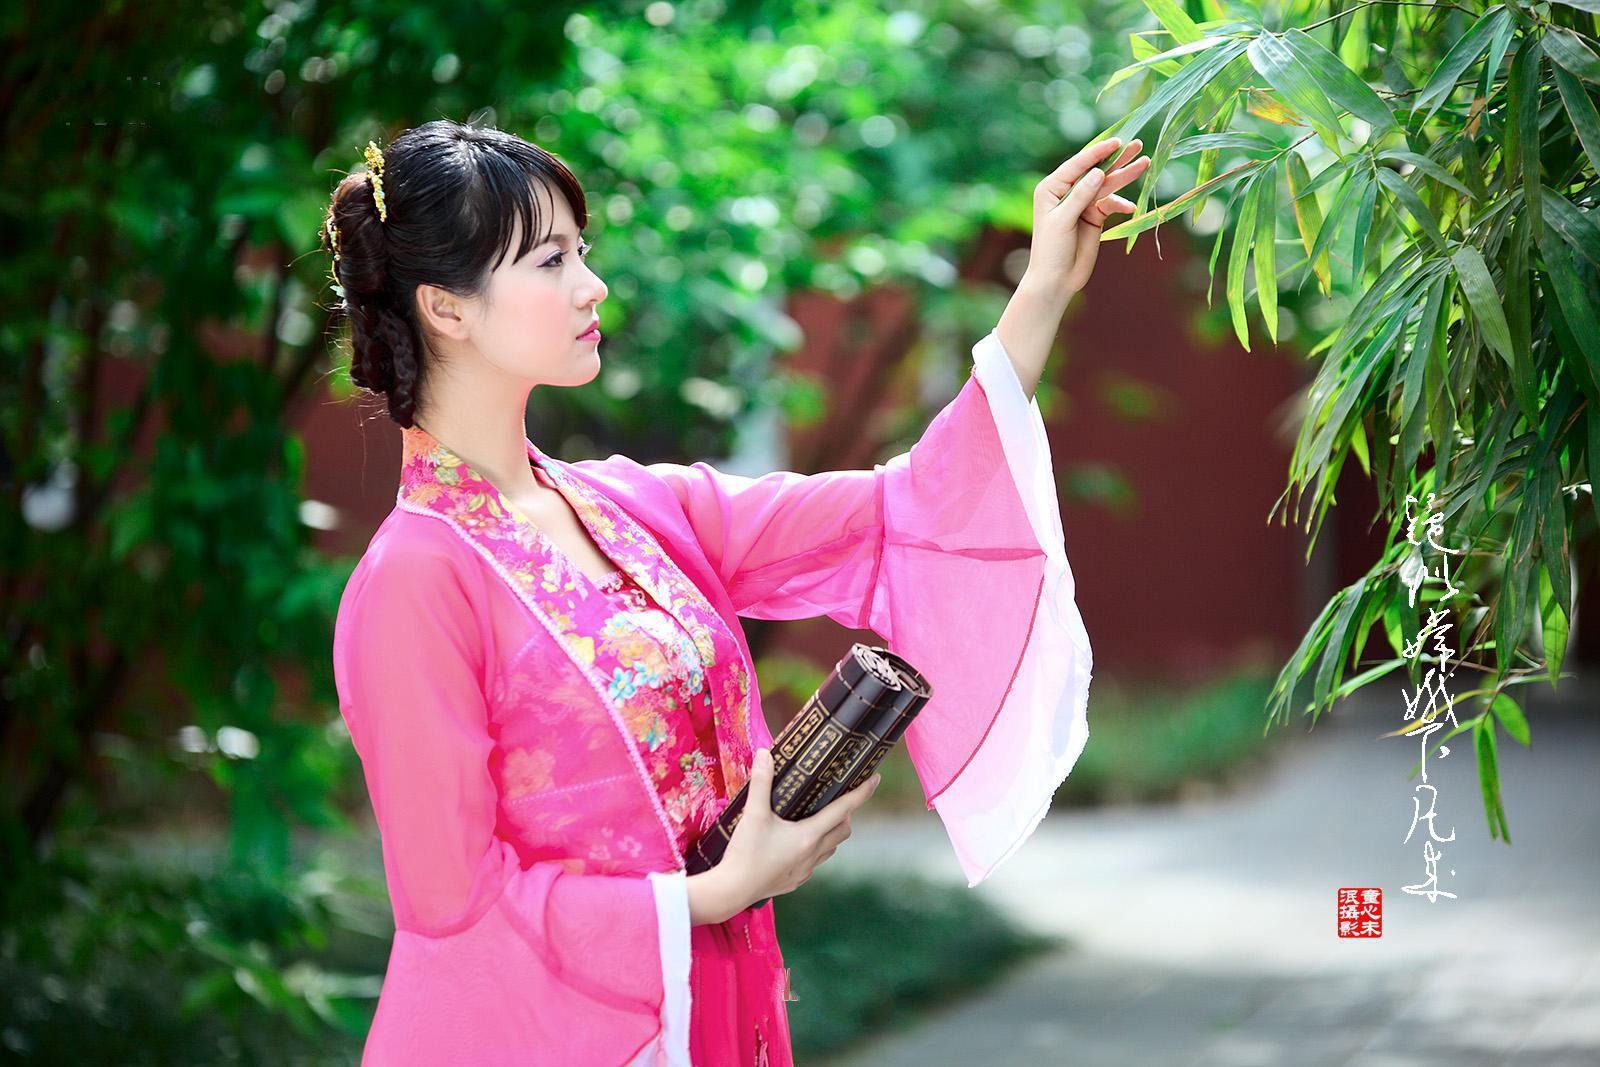 中秋节活动策划,有创意的企业中秋活动方案怎么做?